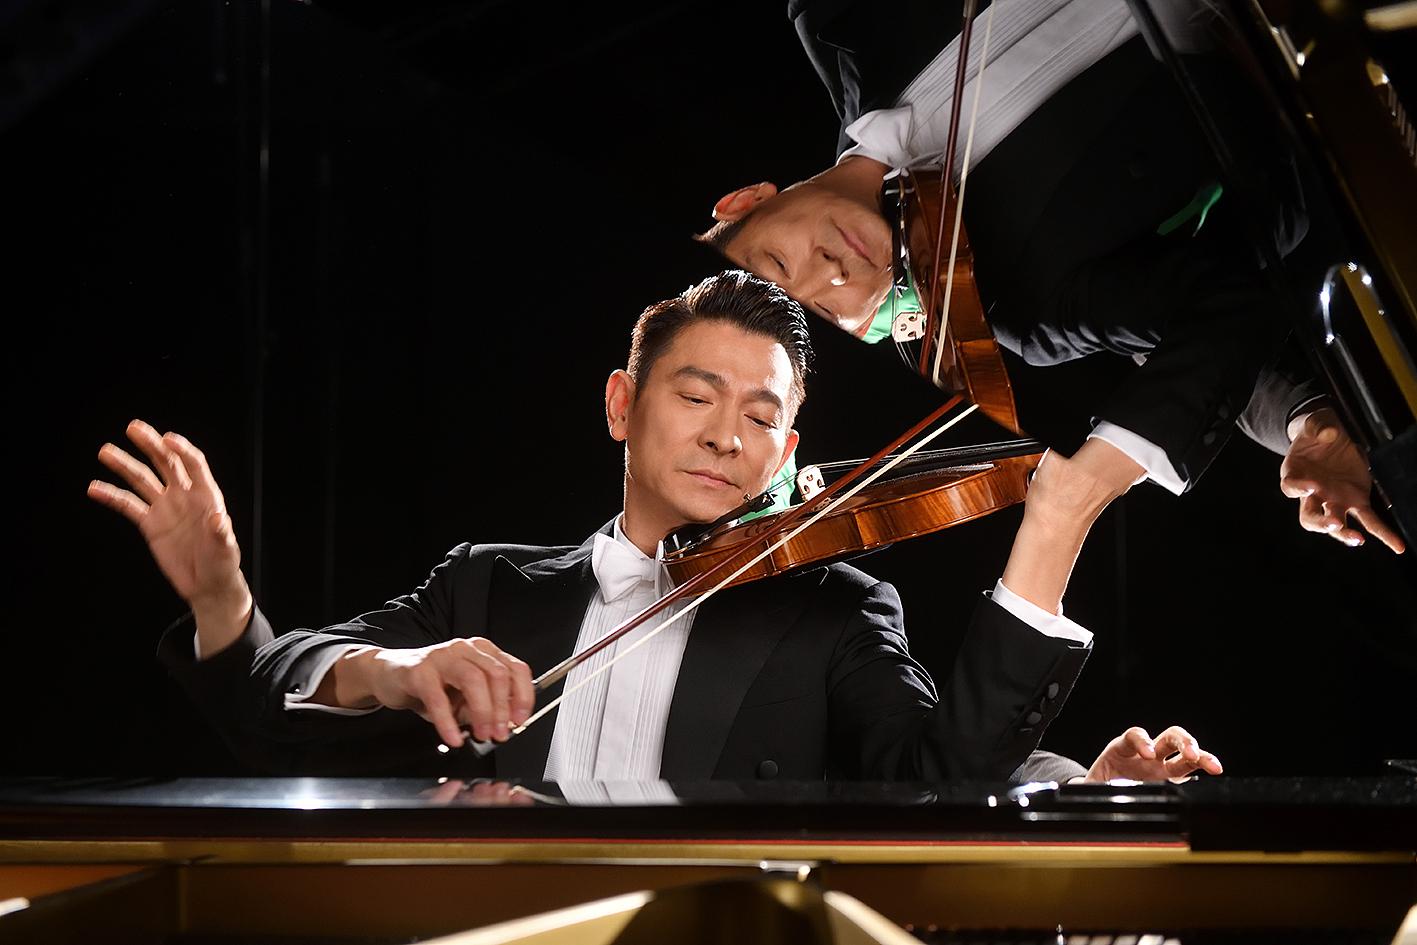 56岁刘德华吸金能力不减 西装革履拉小提琴绅士气质十足猛捞金